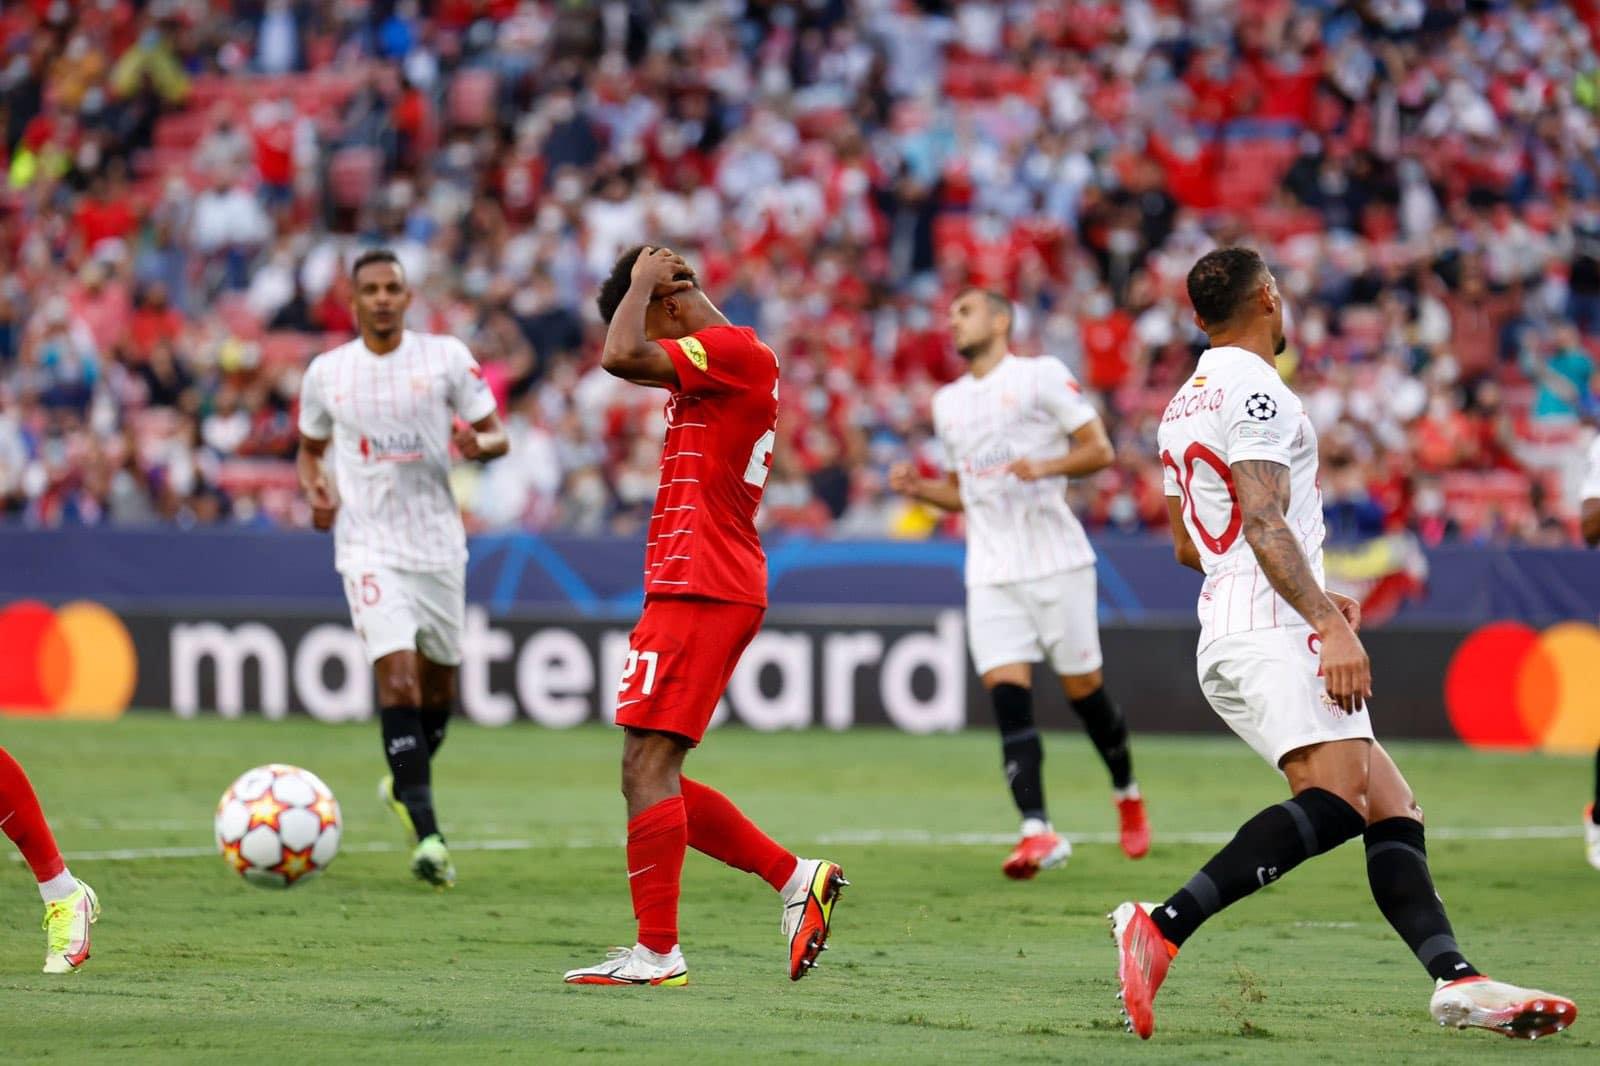 مباراة إشبيلية وريد بول سالزبورغ النمساوي في دوري أبطال أوروبا